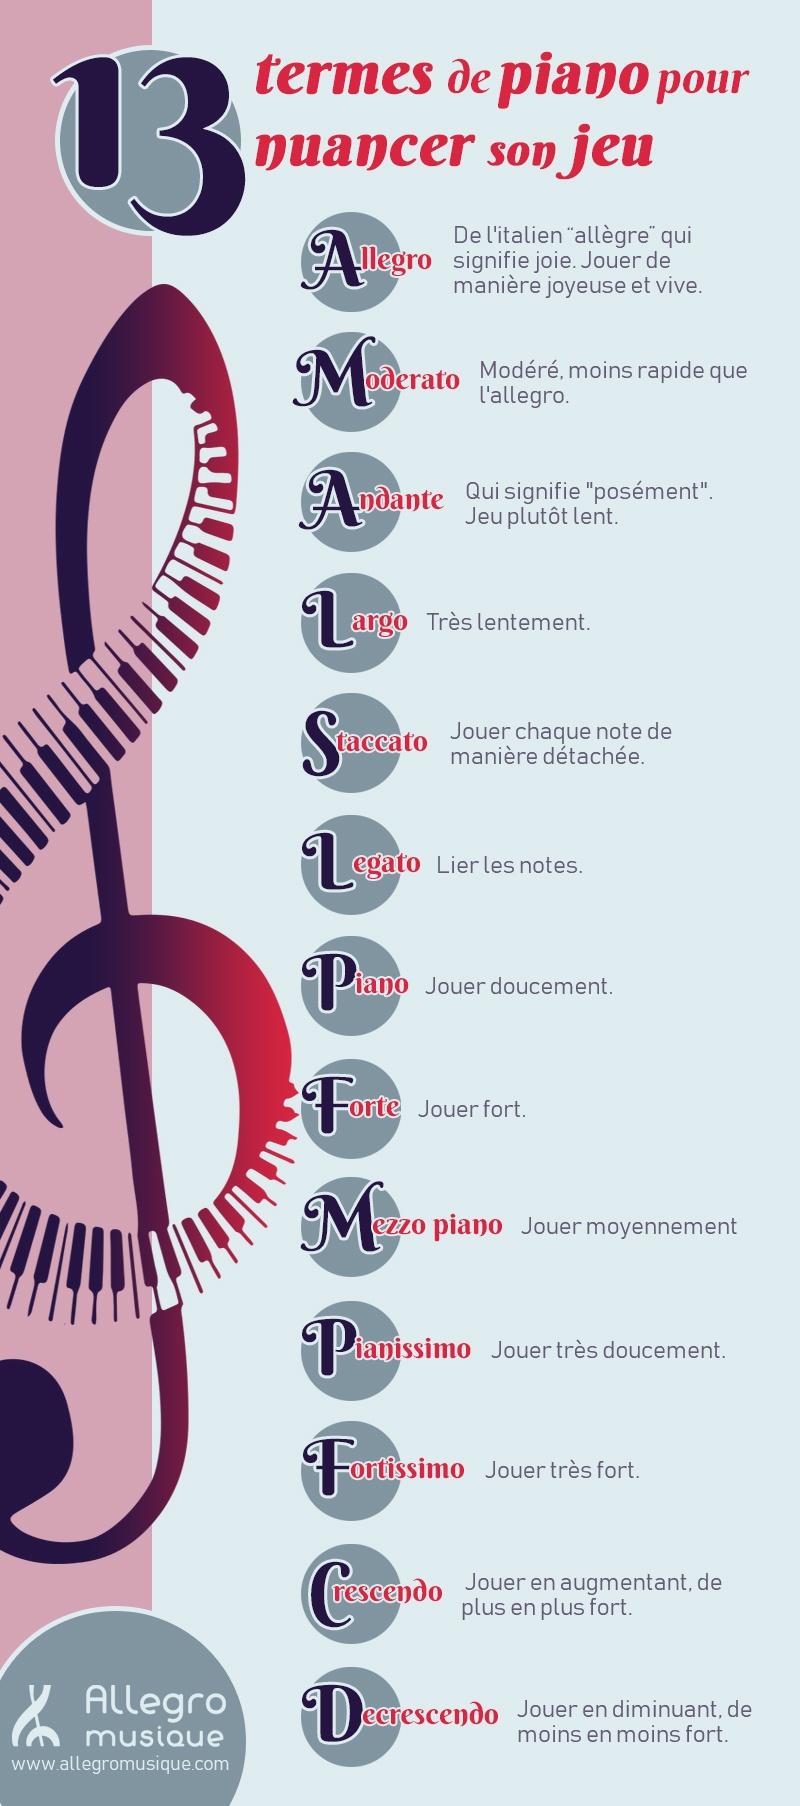 les termes pour jouer du piano